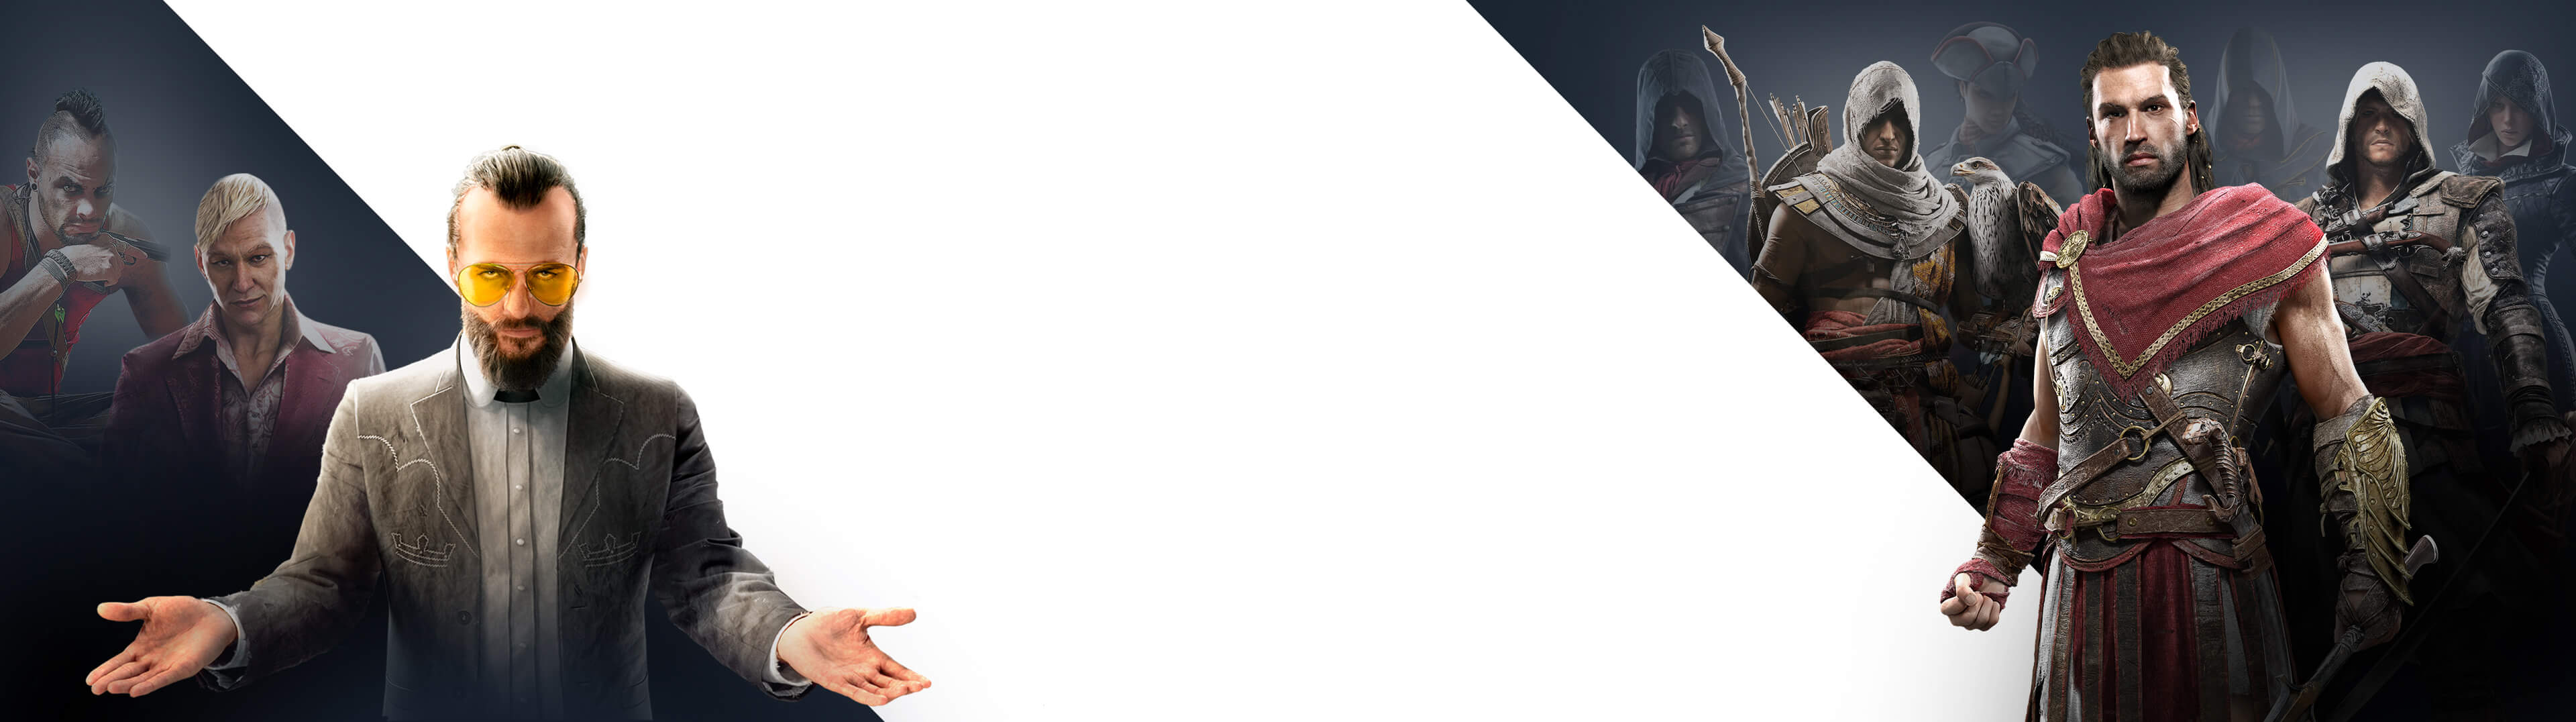 育碧Uplay同捆优惠开启 《孤岛惊魂5+新曙光》3折特卖